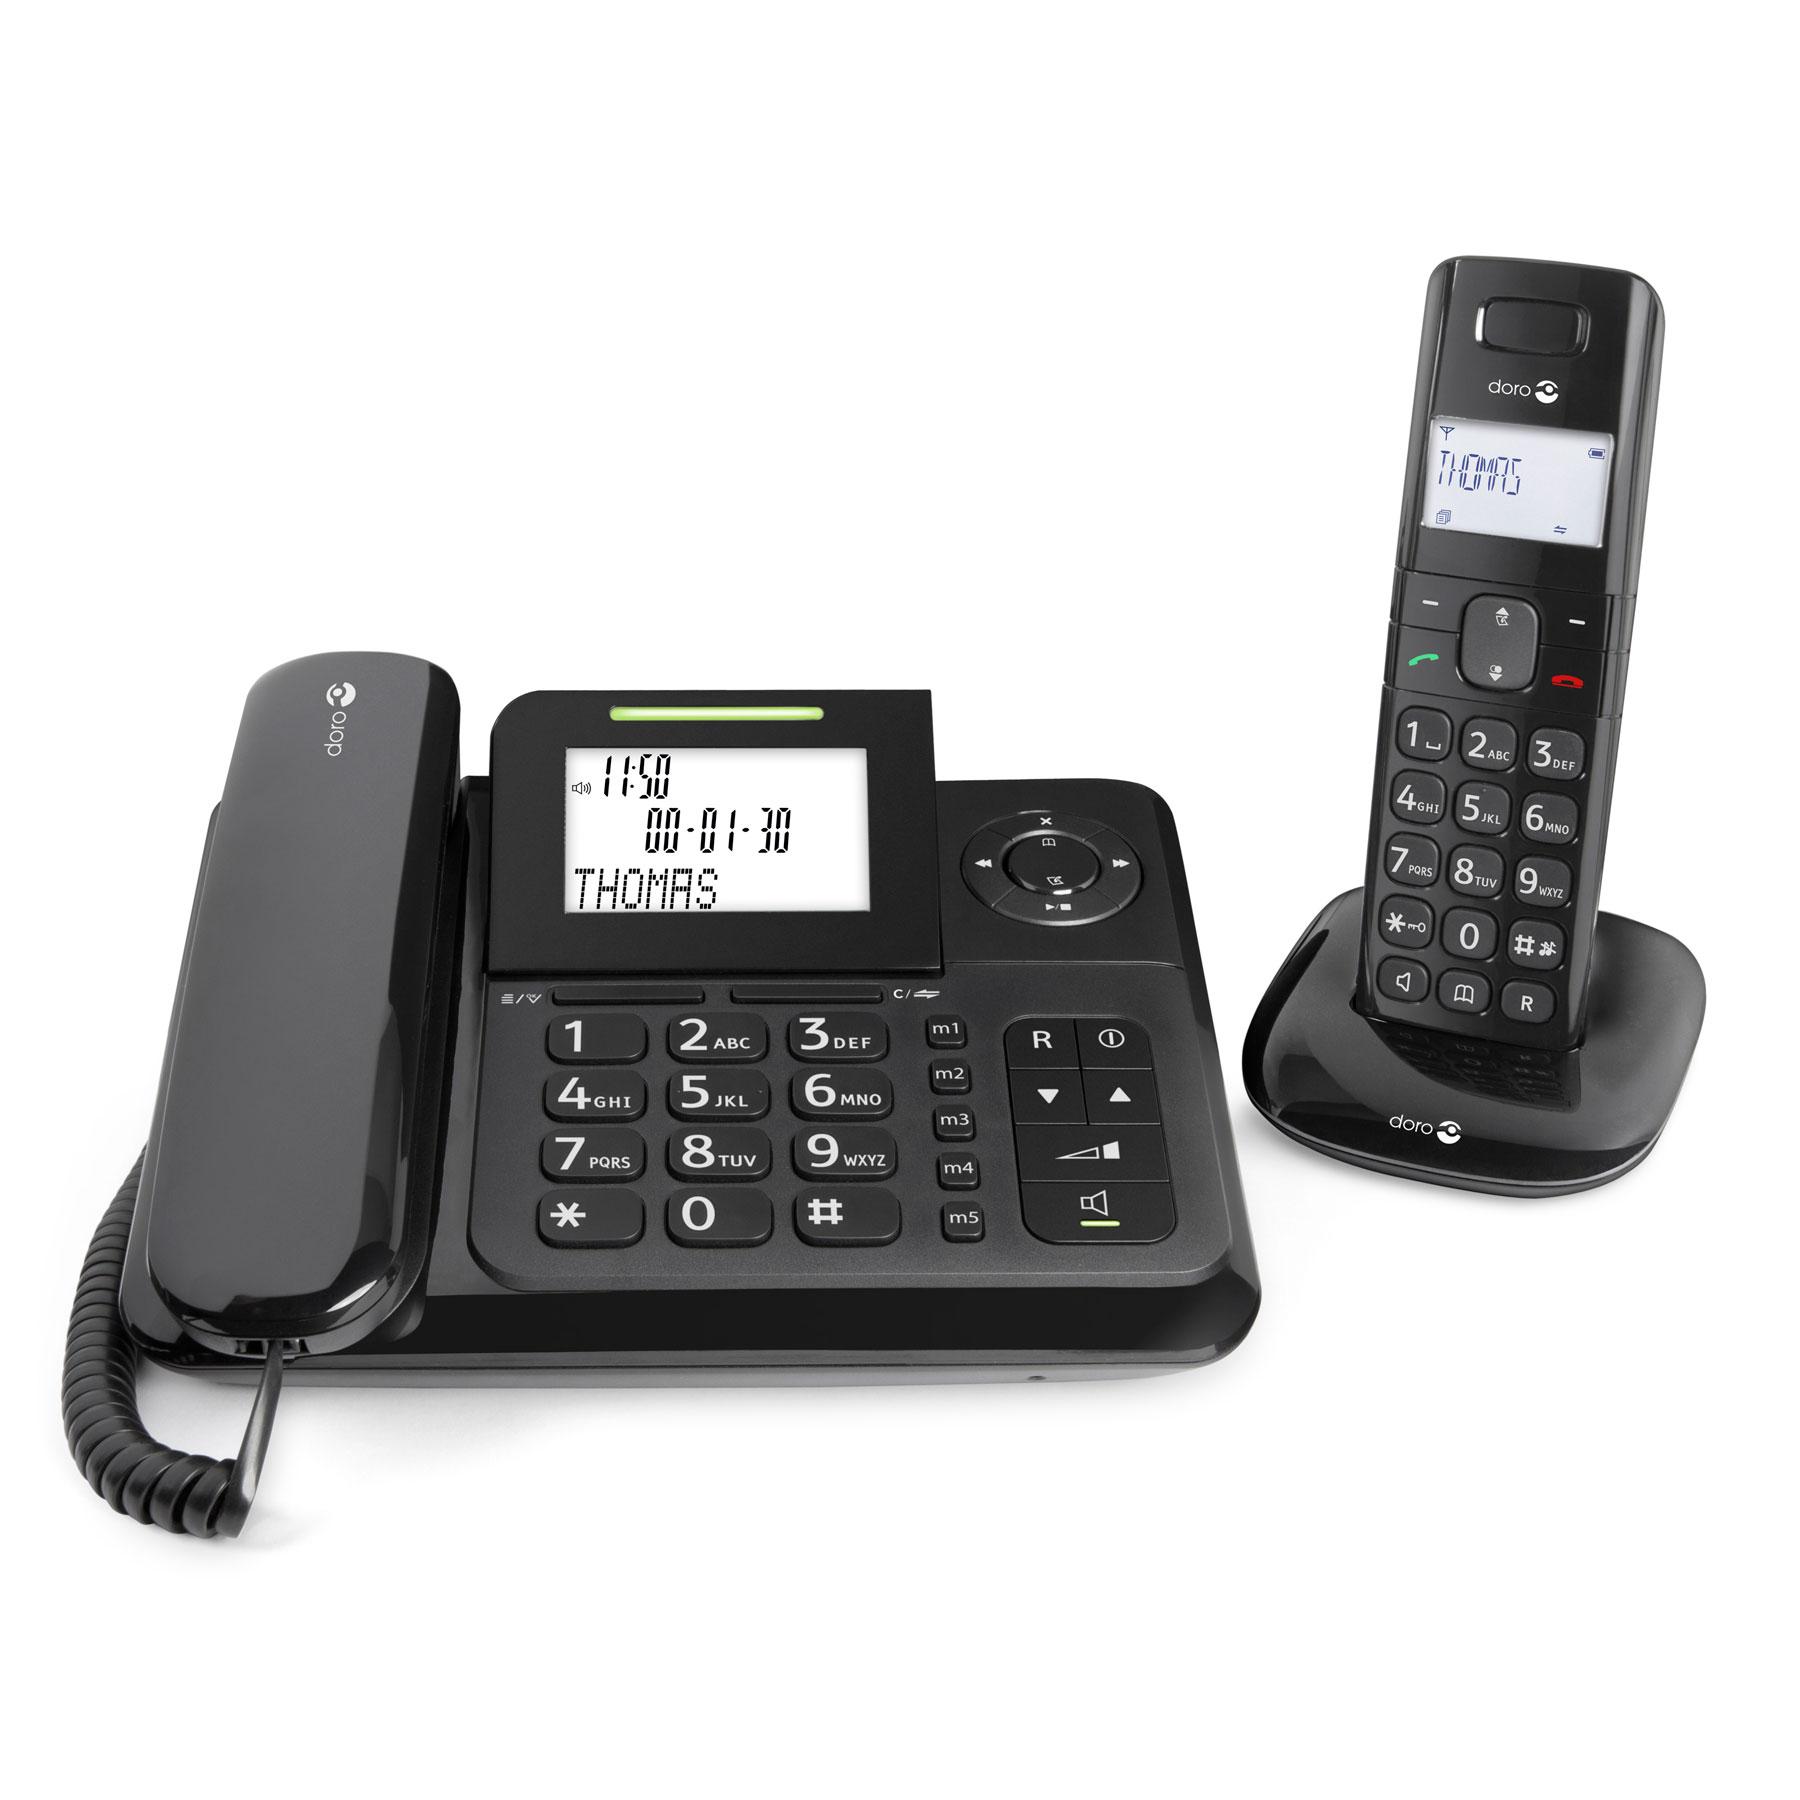 87b5681cd33950 Doro Comfort 4005 Téléphone filaire + téléphone sans fil DECT avec  répondeur intégré